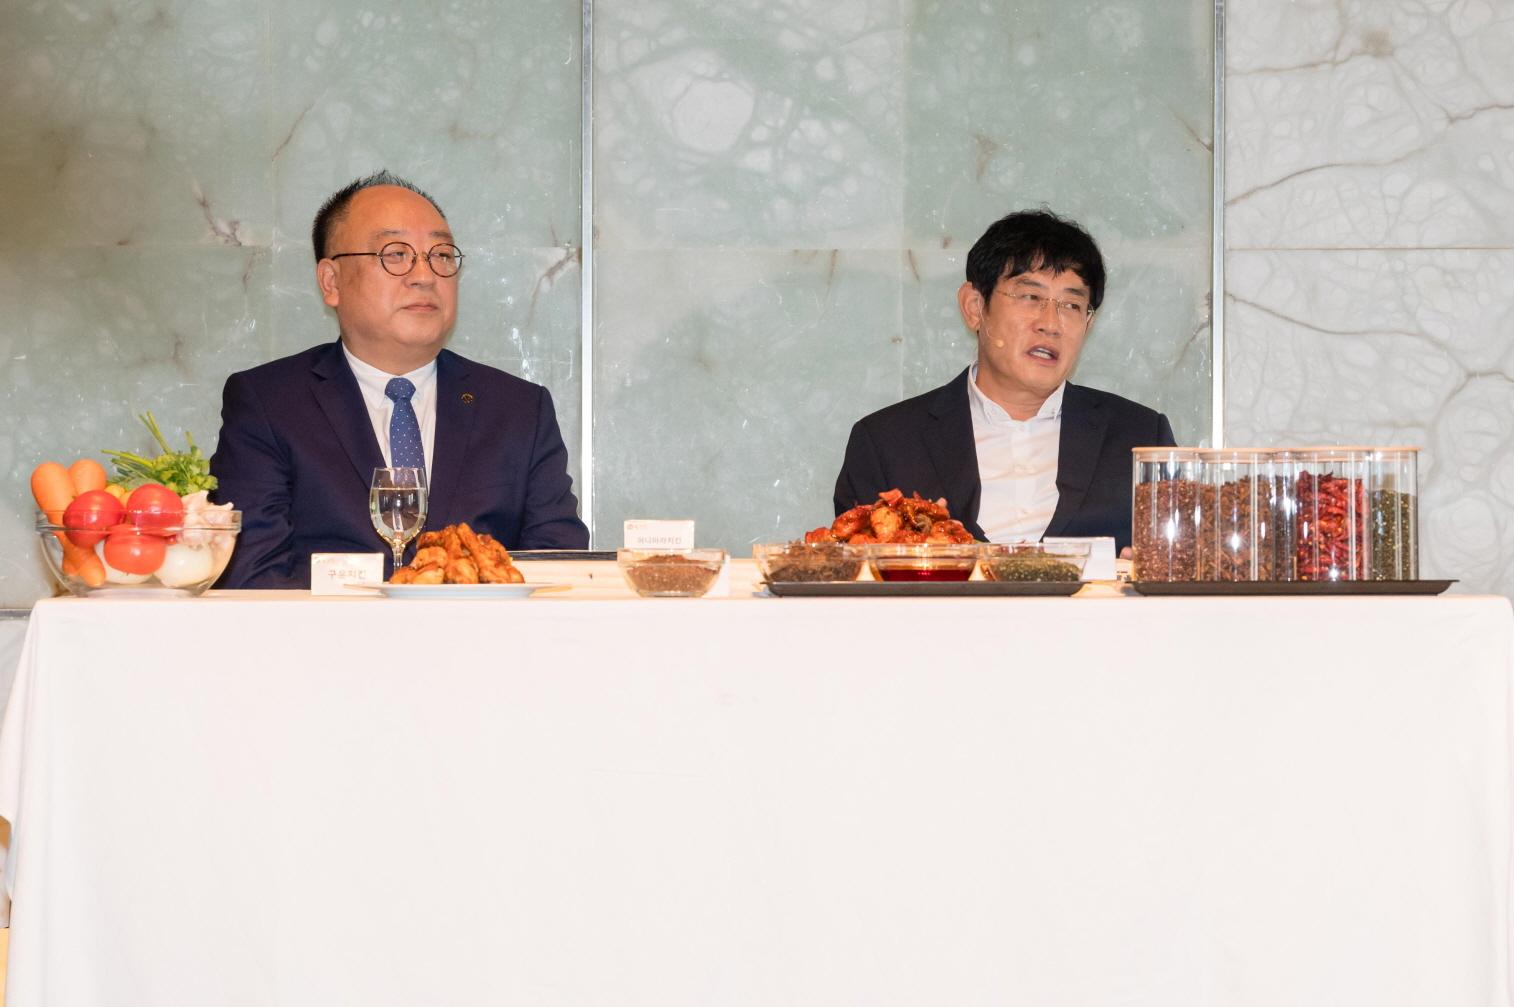 ▲ 김성수 부사장(왼쪽)과 방송인 이경규